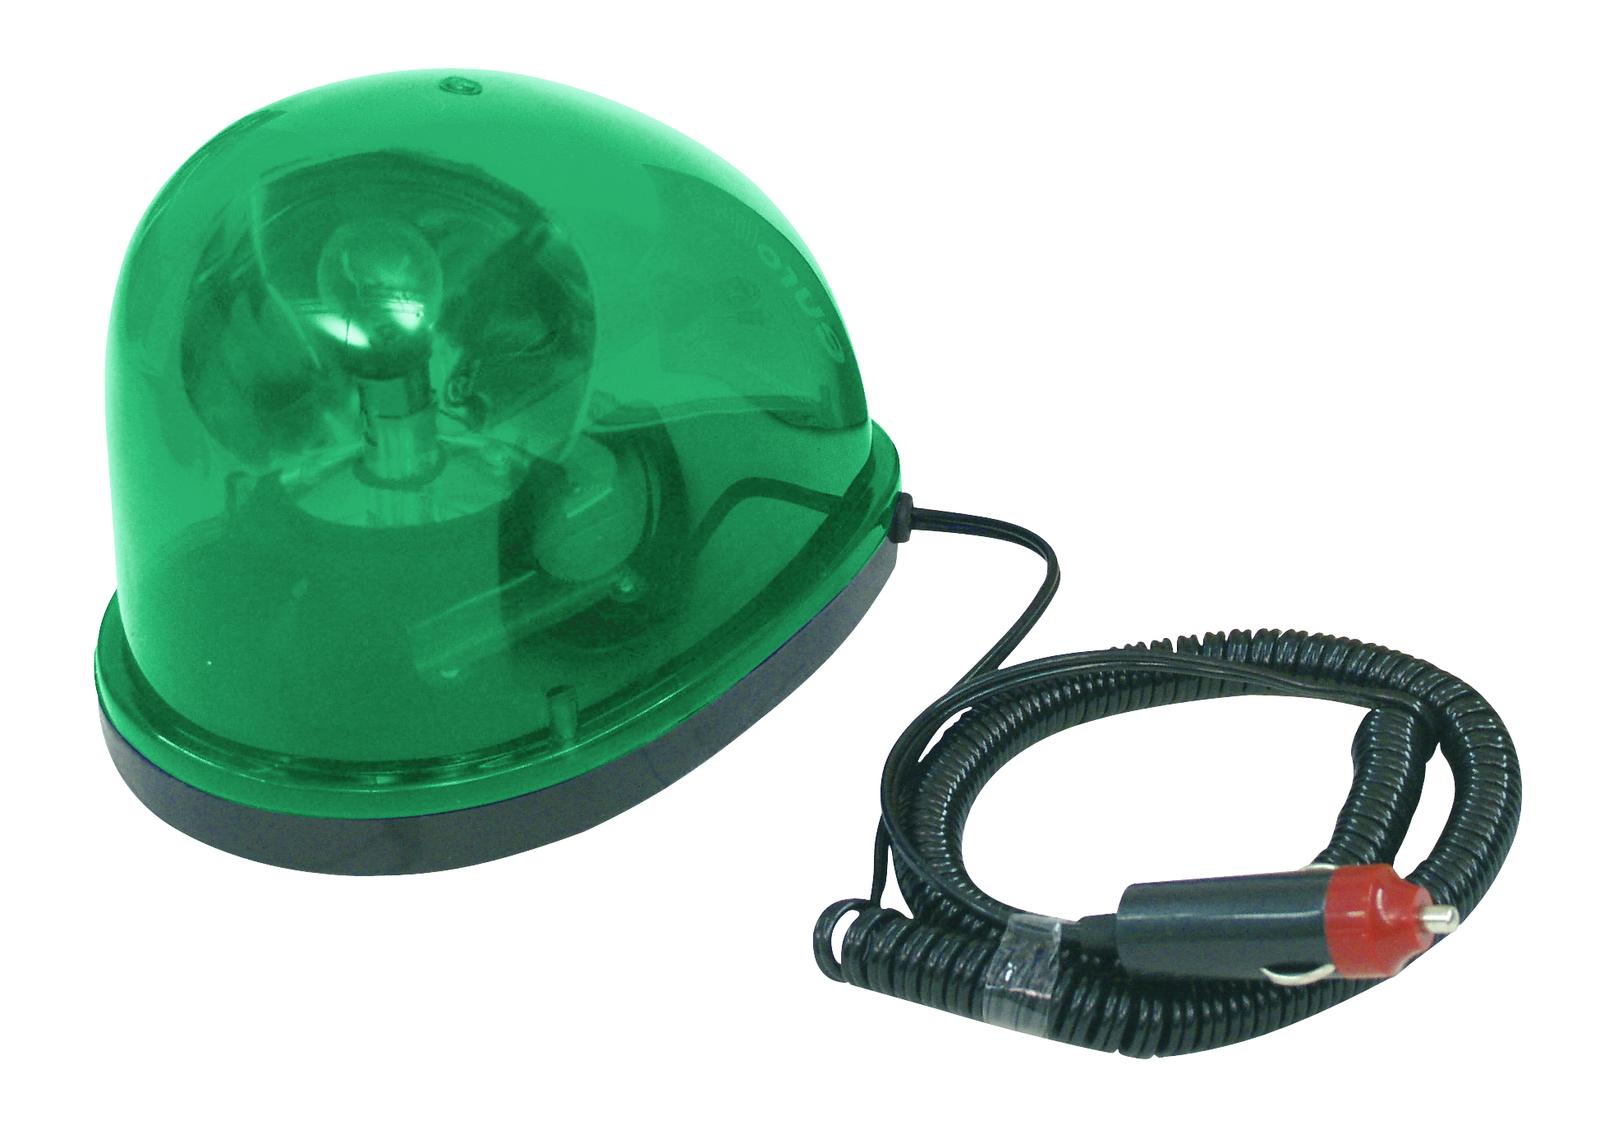 EUROLITE Polizia Lampeggiante Beacon STA-1221 verde 12V/21W